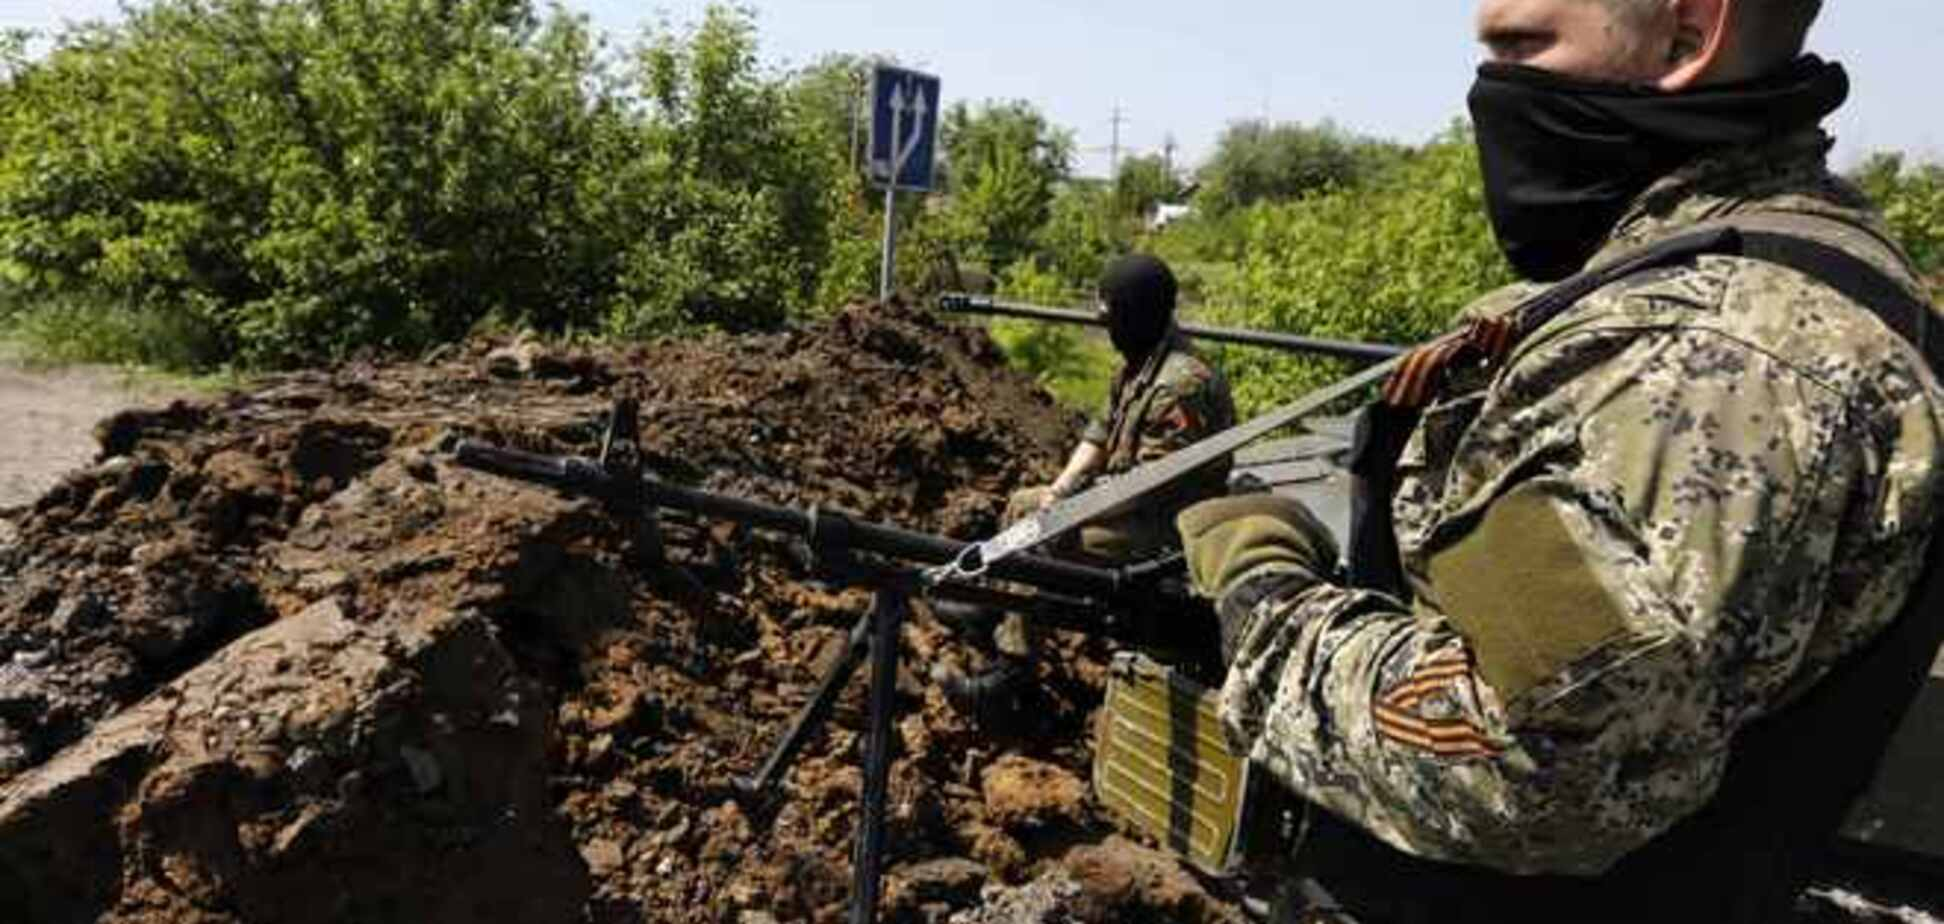 В Славянске террористы возят минометы по городу и ведут из них стрельбу - Селезнев